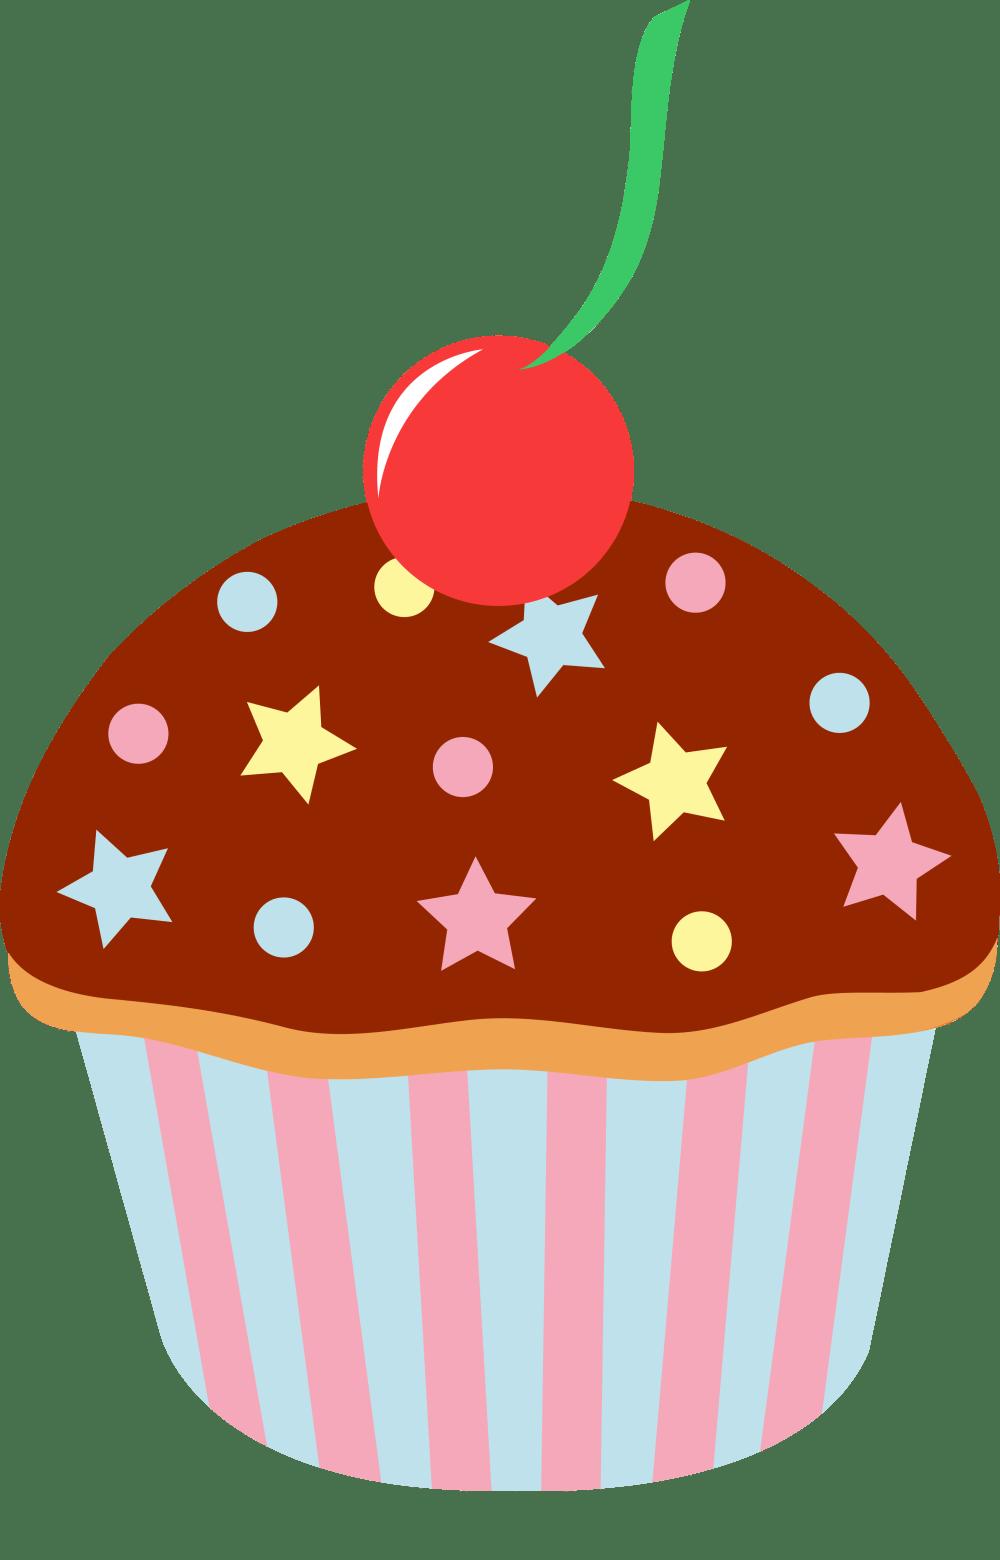 medium resolution of cupcake cartoon image